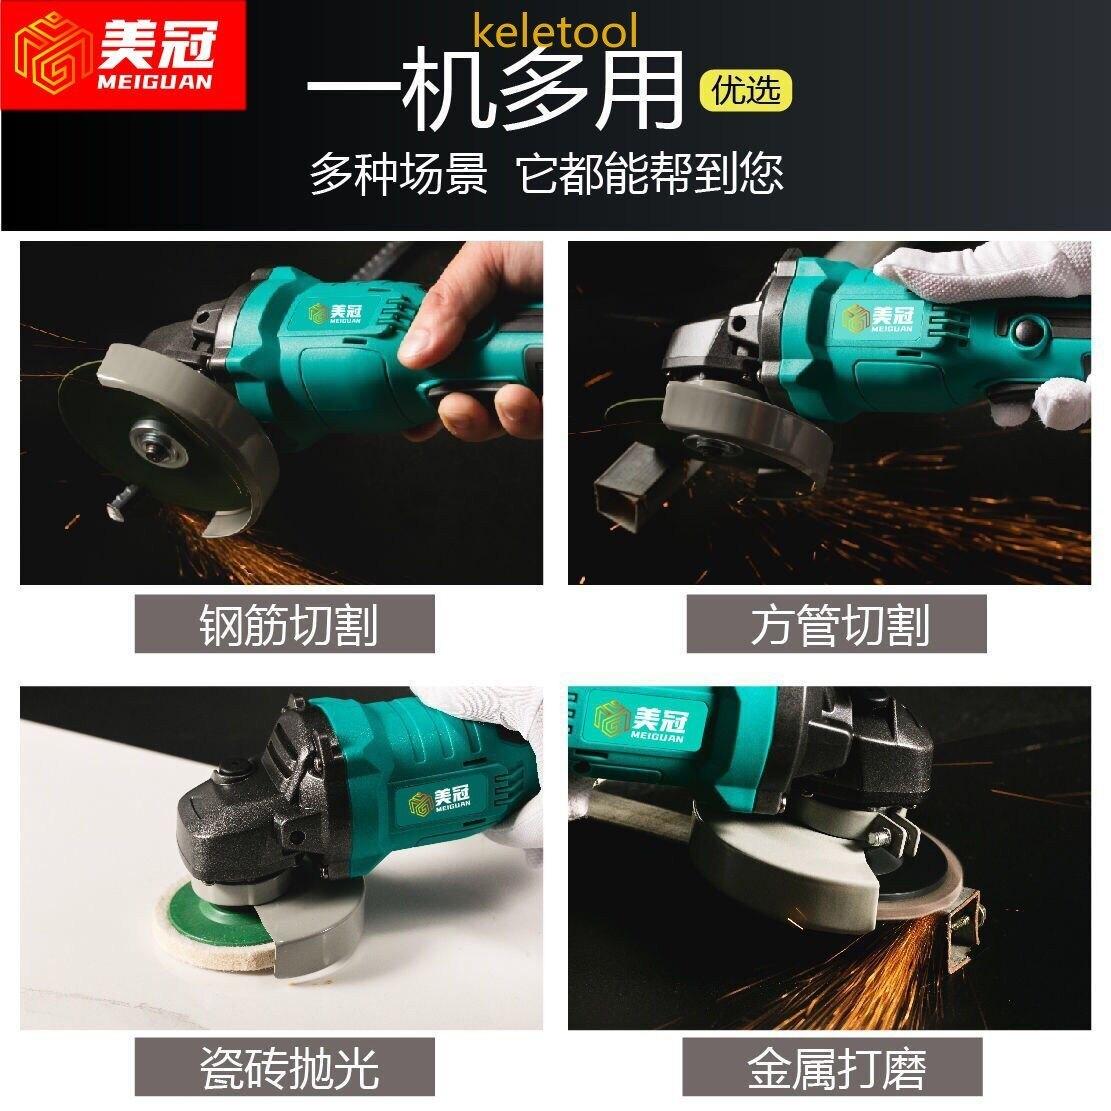 無刷鋰電充電角磨機充電無刷鋰電池角磨機多功能拋光機切割機打磨機切割機砂輪機打磨機充電式角向磨光機